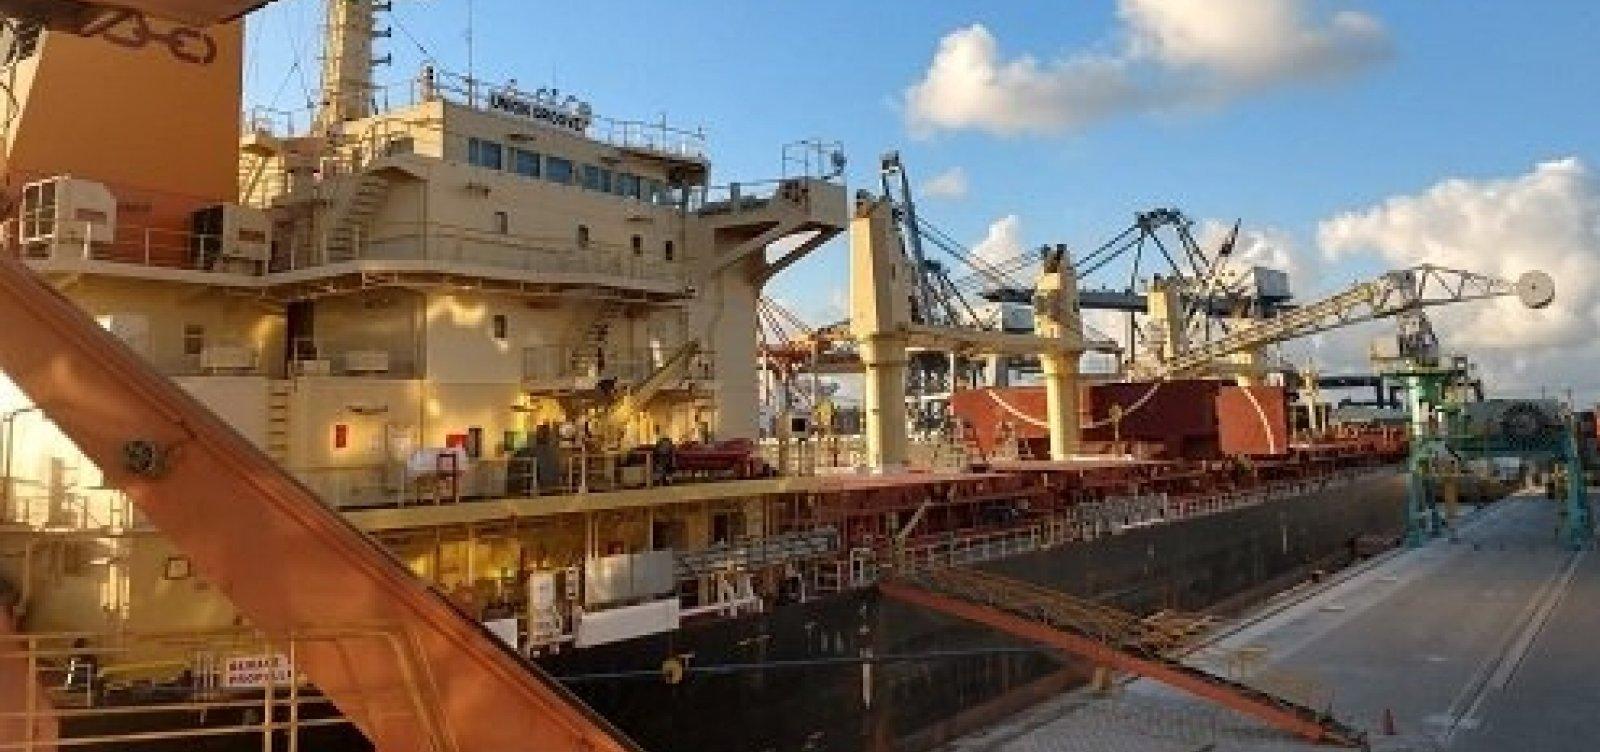 Salvador envia peças de energia eólica para os EUA pela 1ª vez